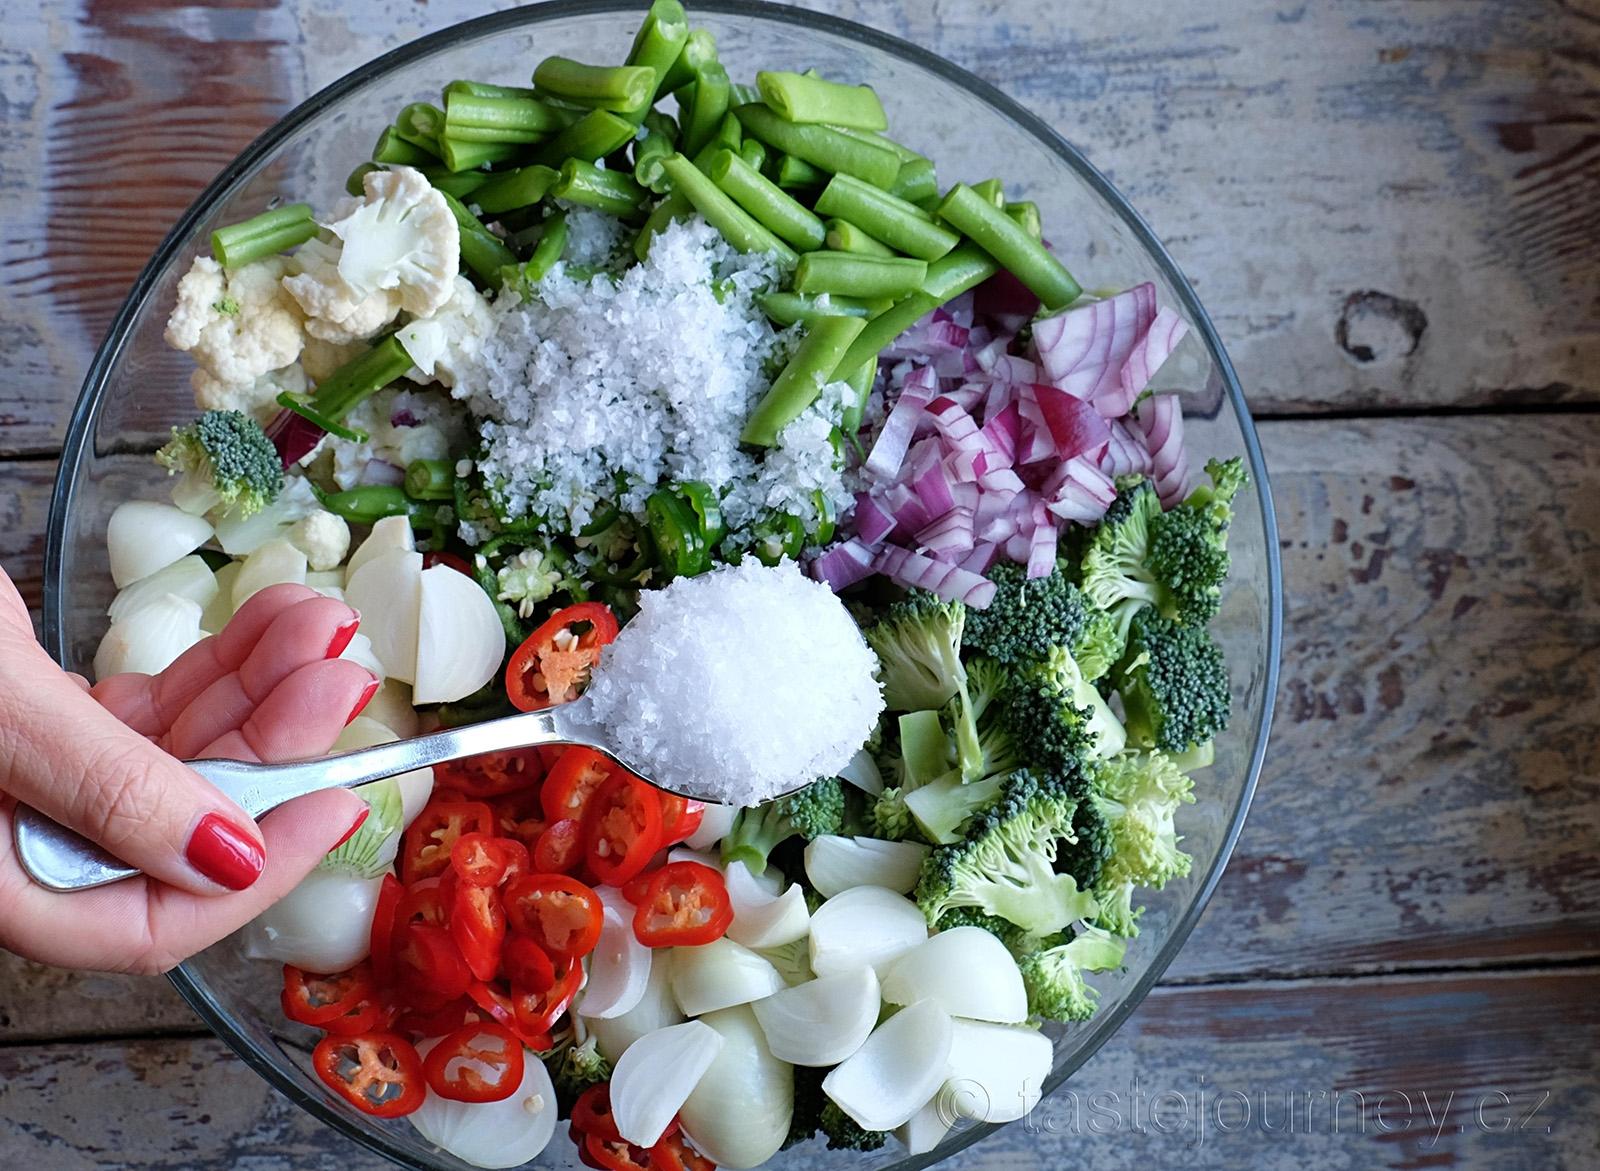 Zeleninu nakládáme do solného nálevu a necháme odpočívat